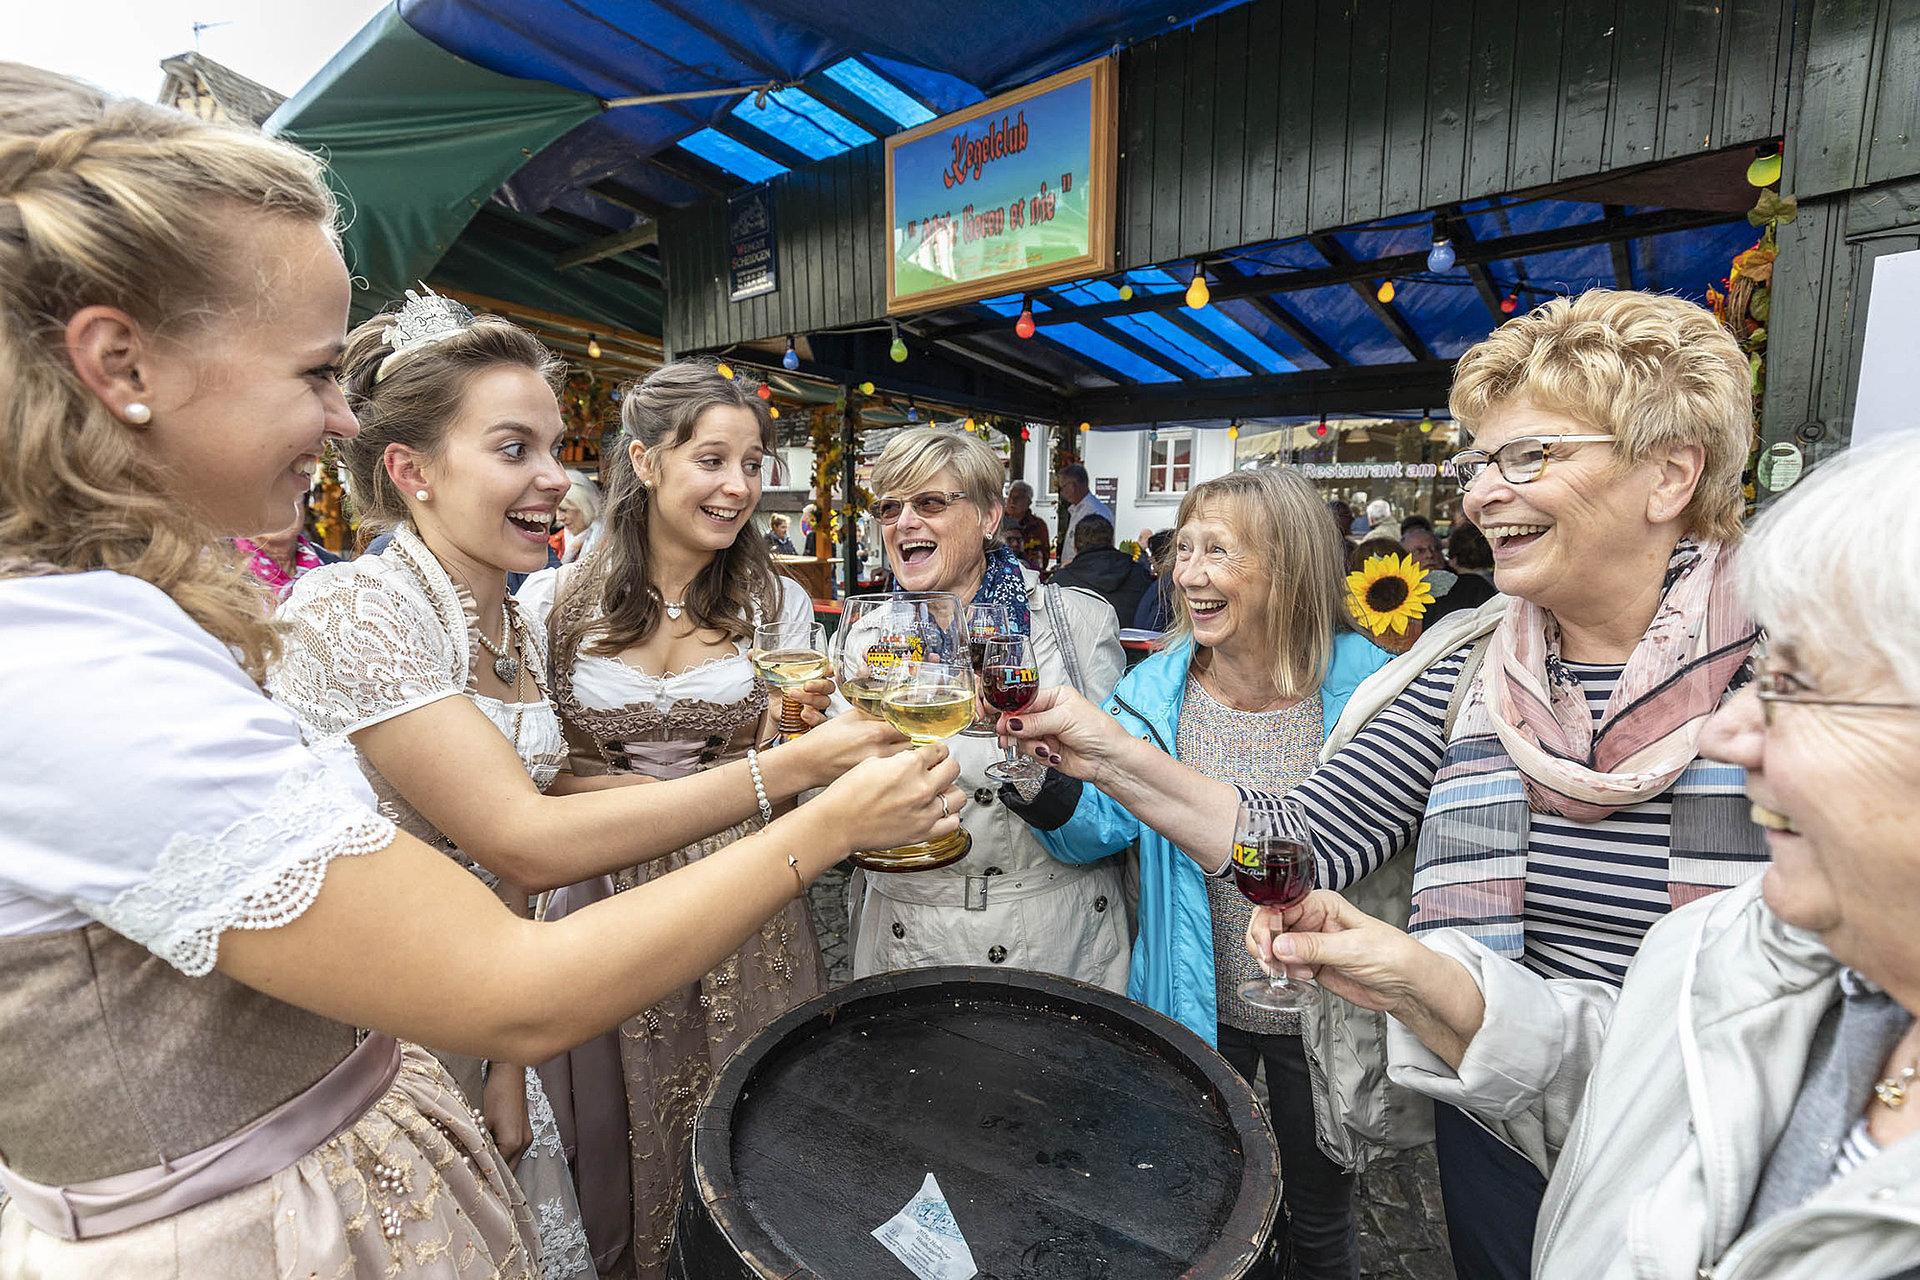 Linzer Weintrio beim Anstoßen mit lachenden Gästen im Linzer Weindorf